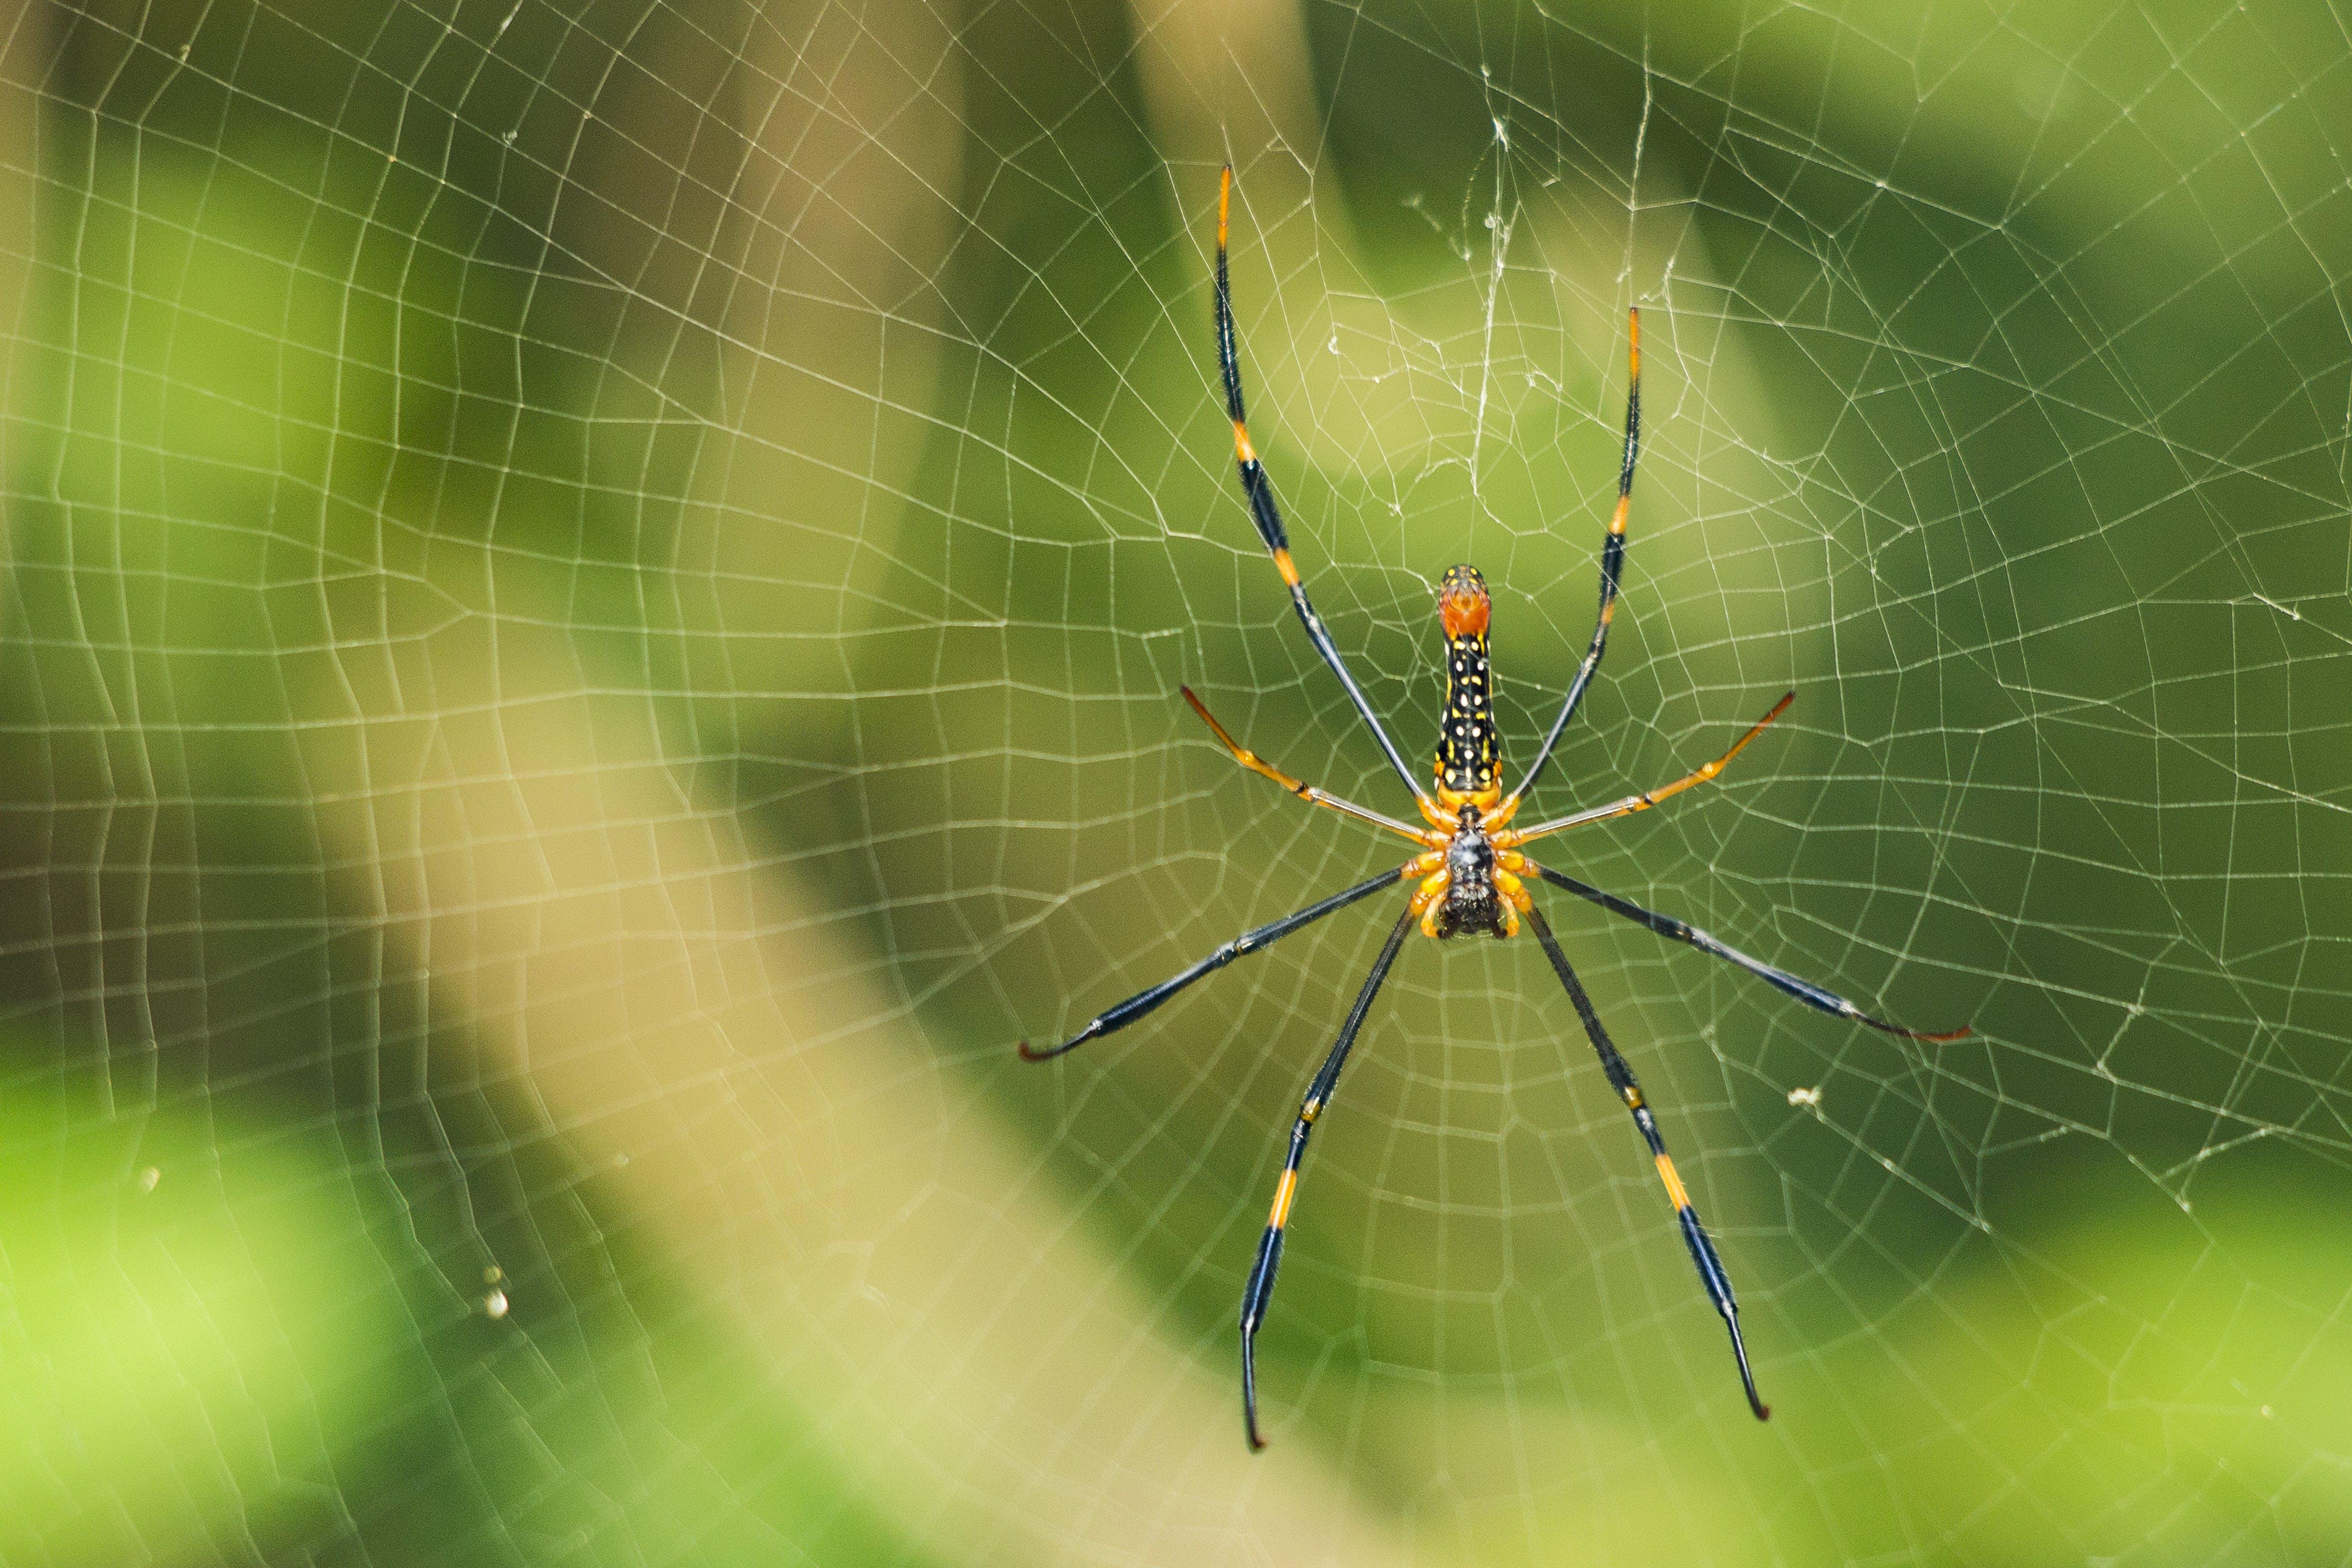 Gratis arkivbilde med dyr, edderkopp, edderkoppdyr, edderkoppnett